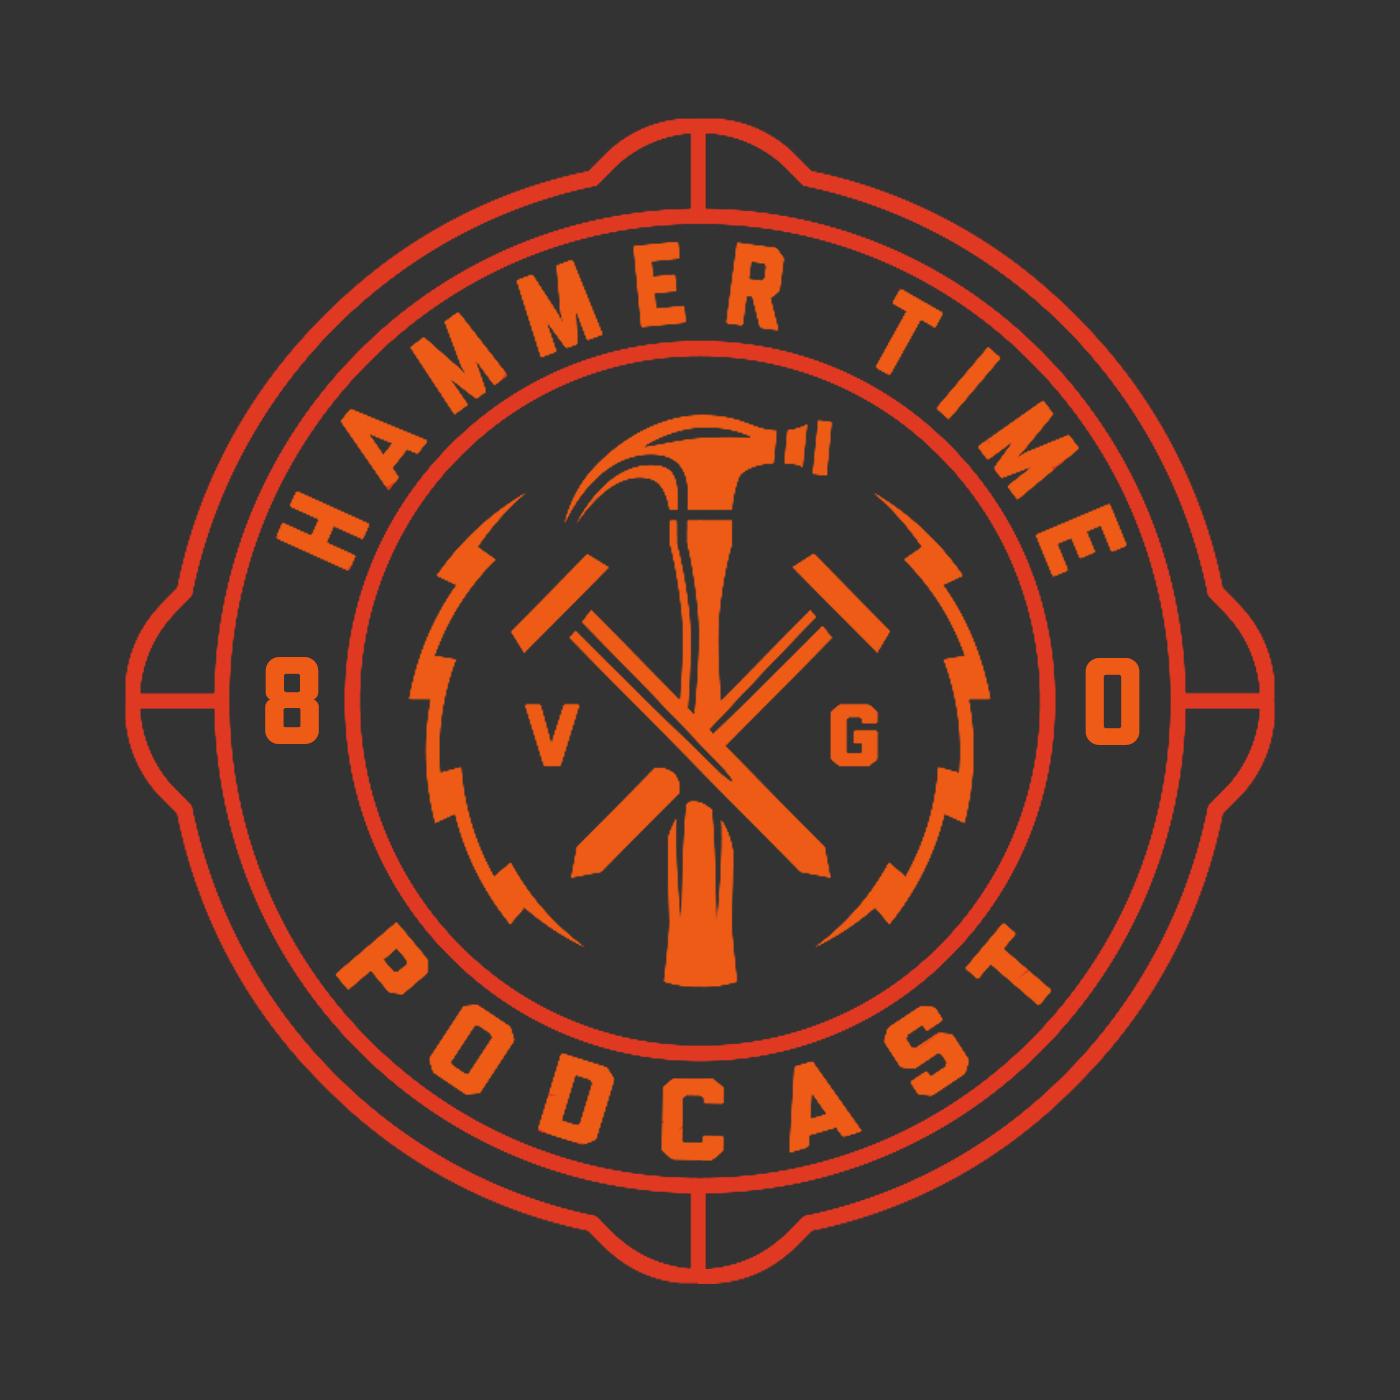 HAMMER-TIME-80.jpg